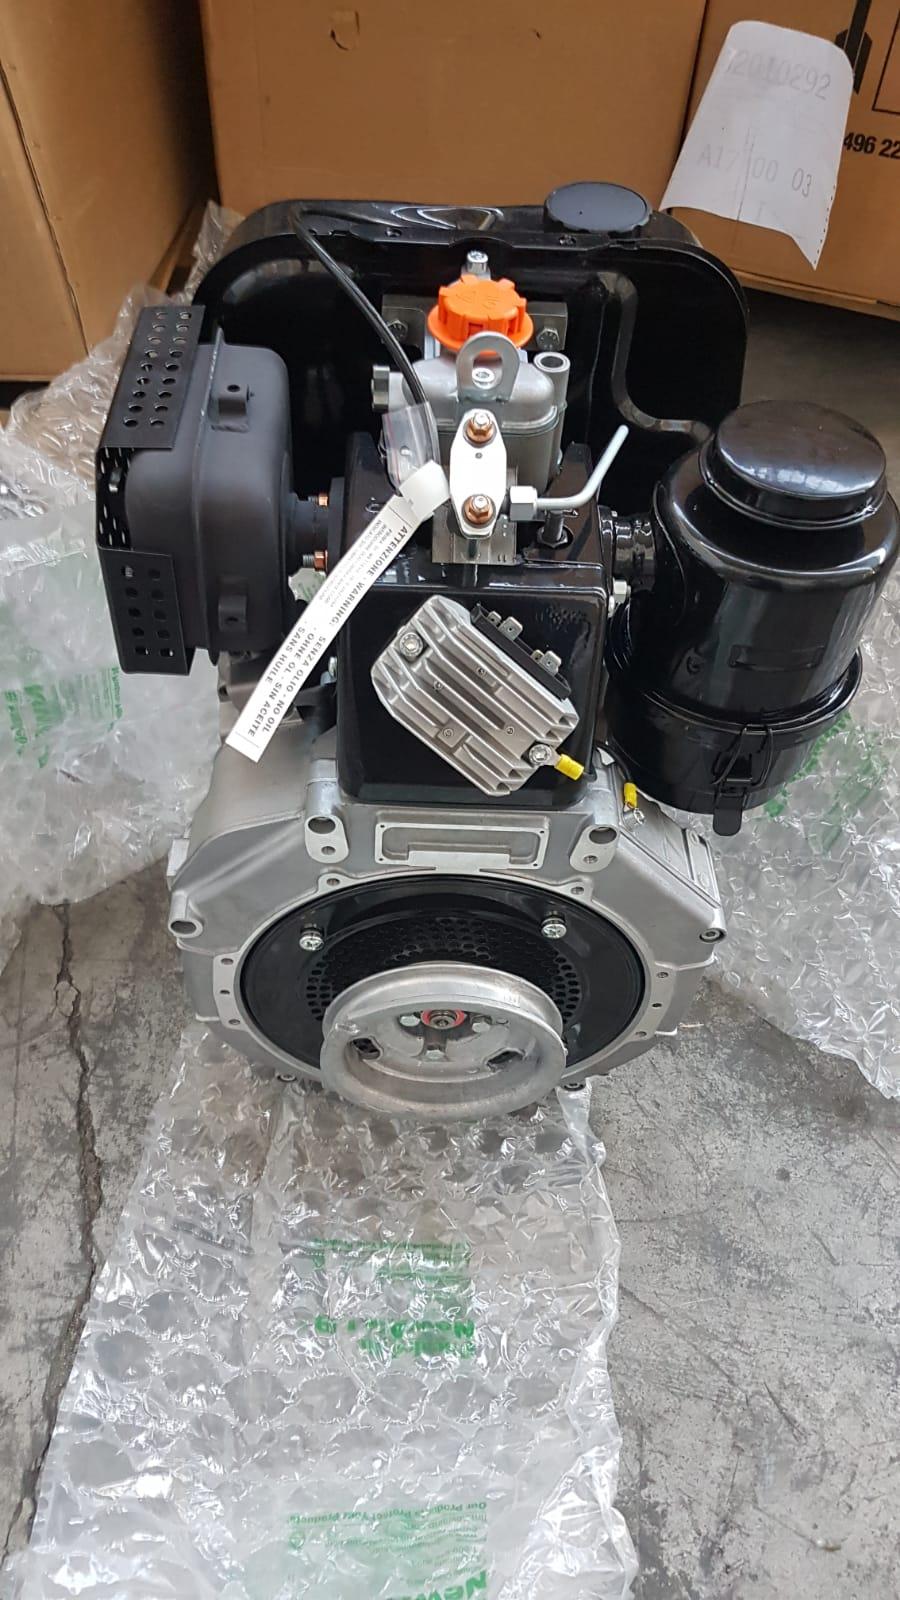 motore lombardini 3ld510 con avviamento elettrico 14hp